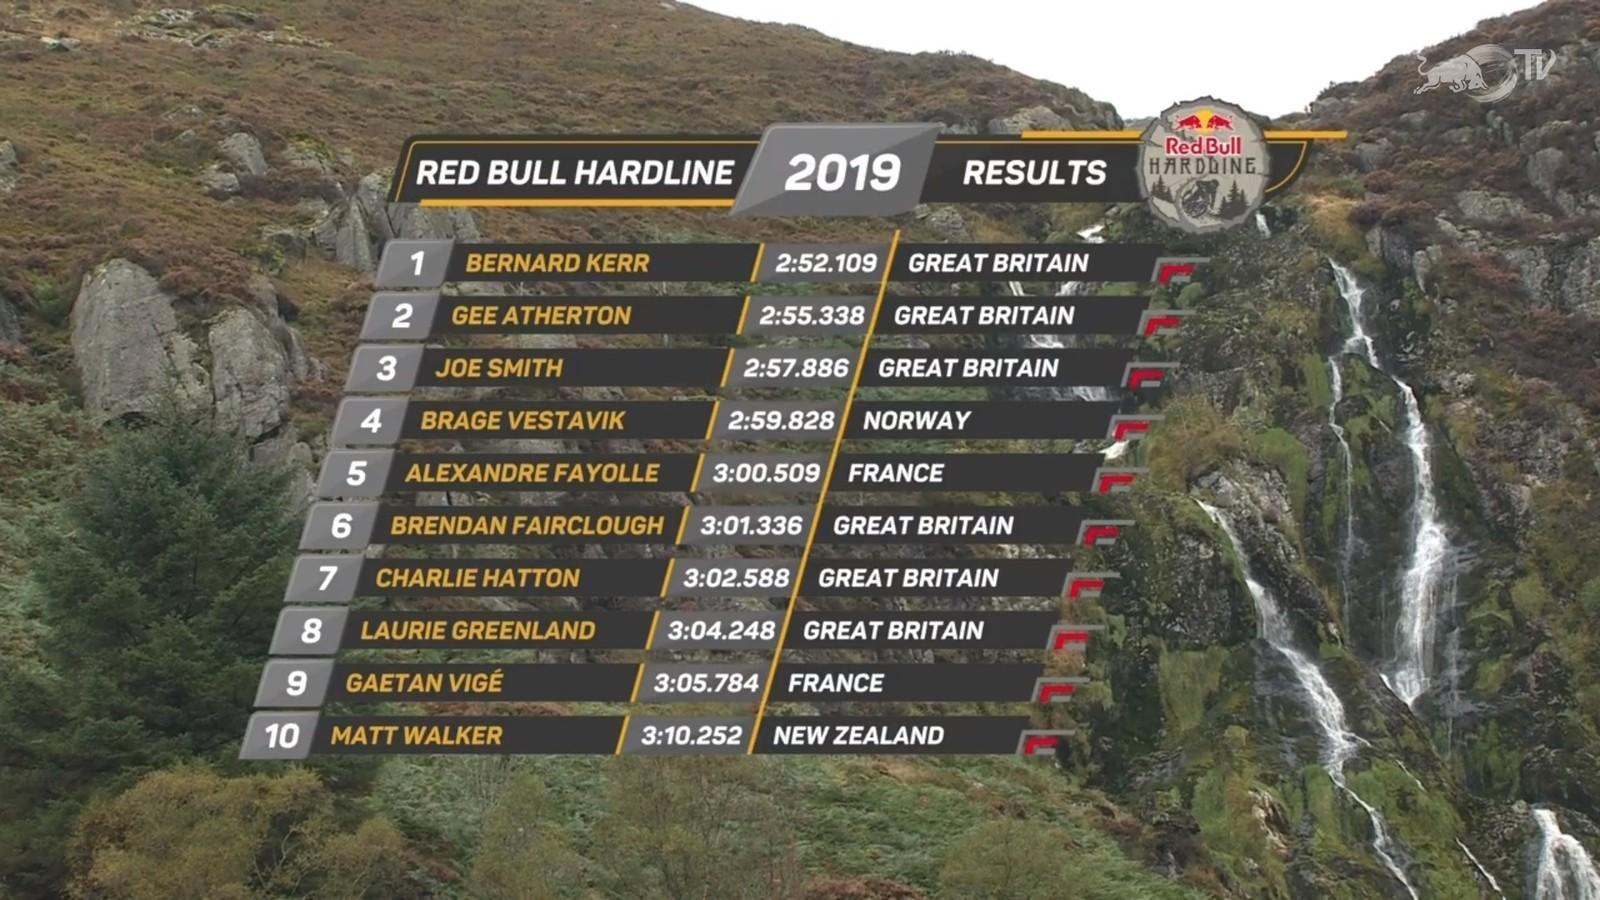 FINAL RESULTS: 2019 Red Bull Hardline